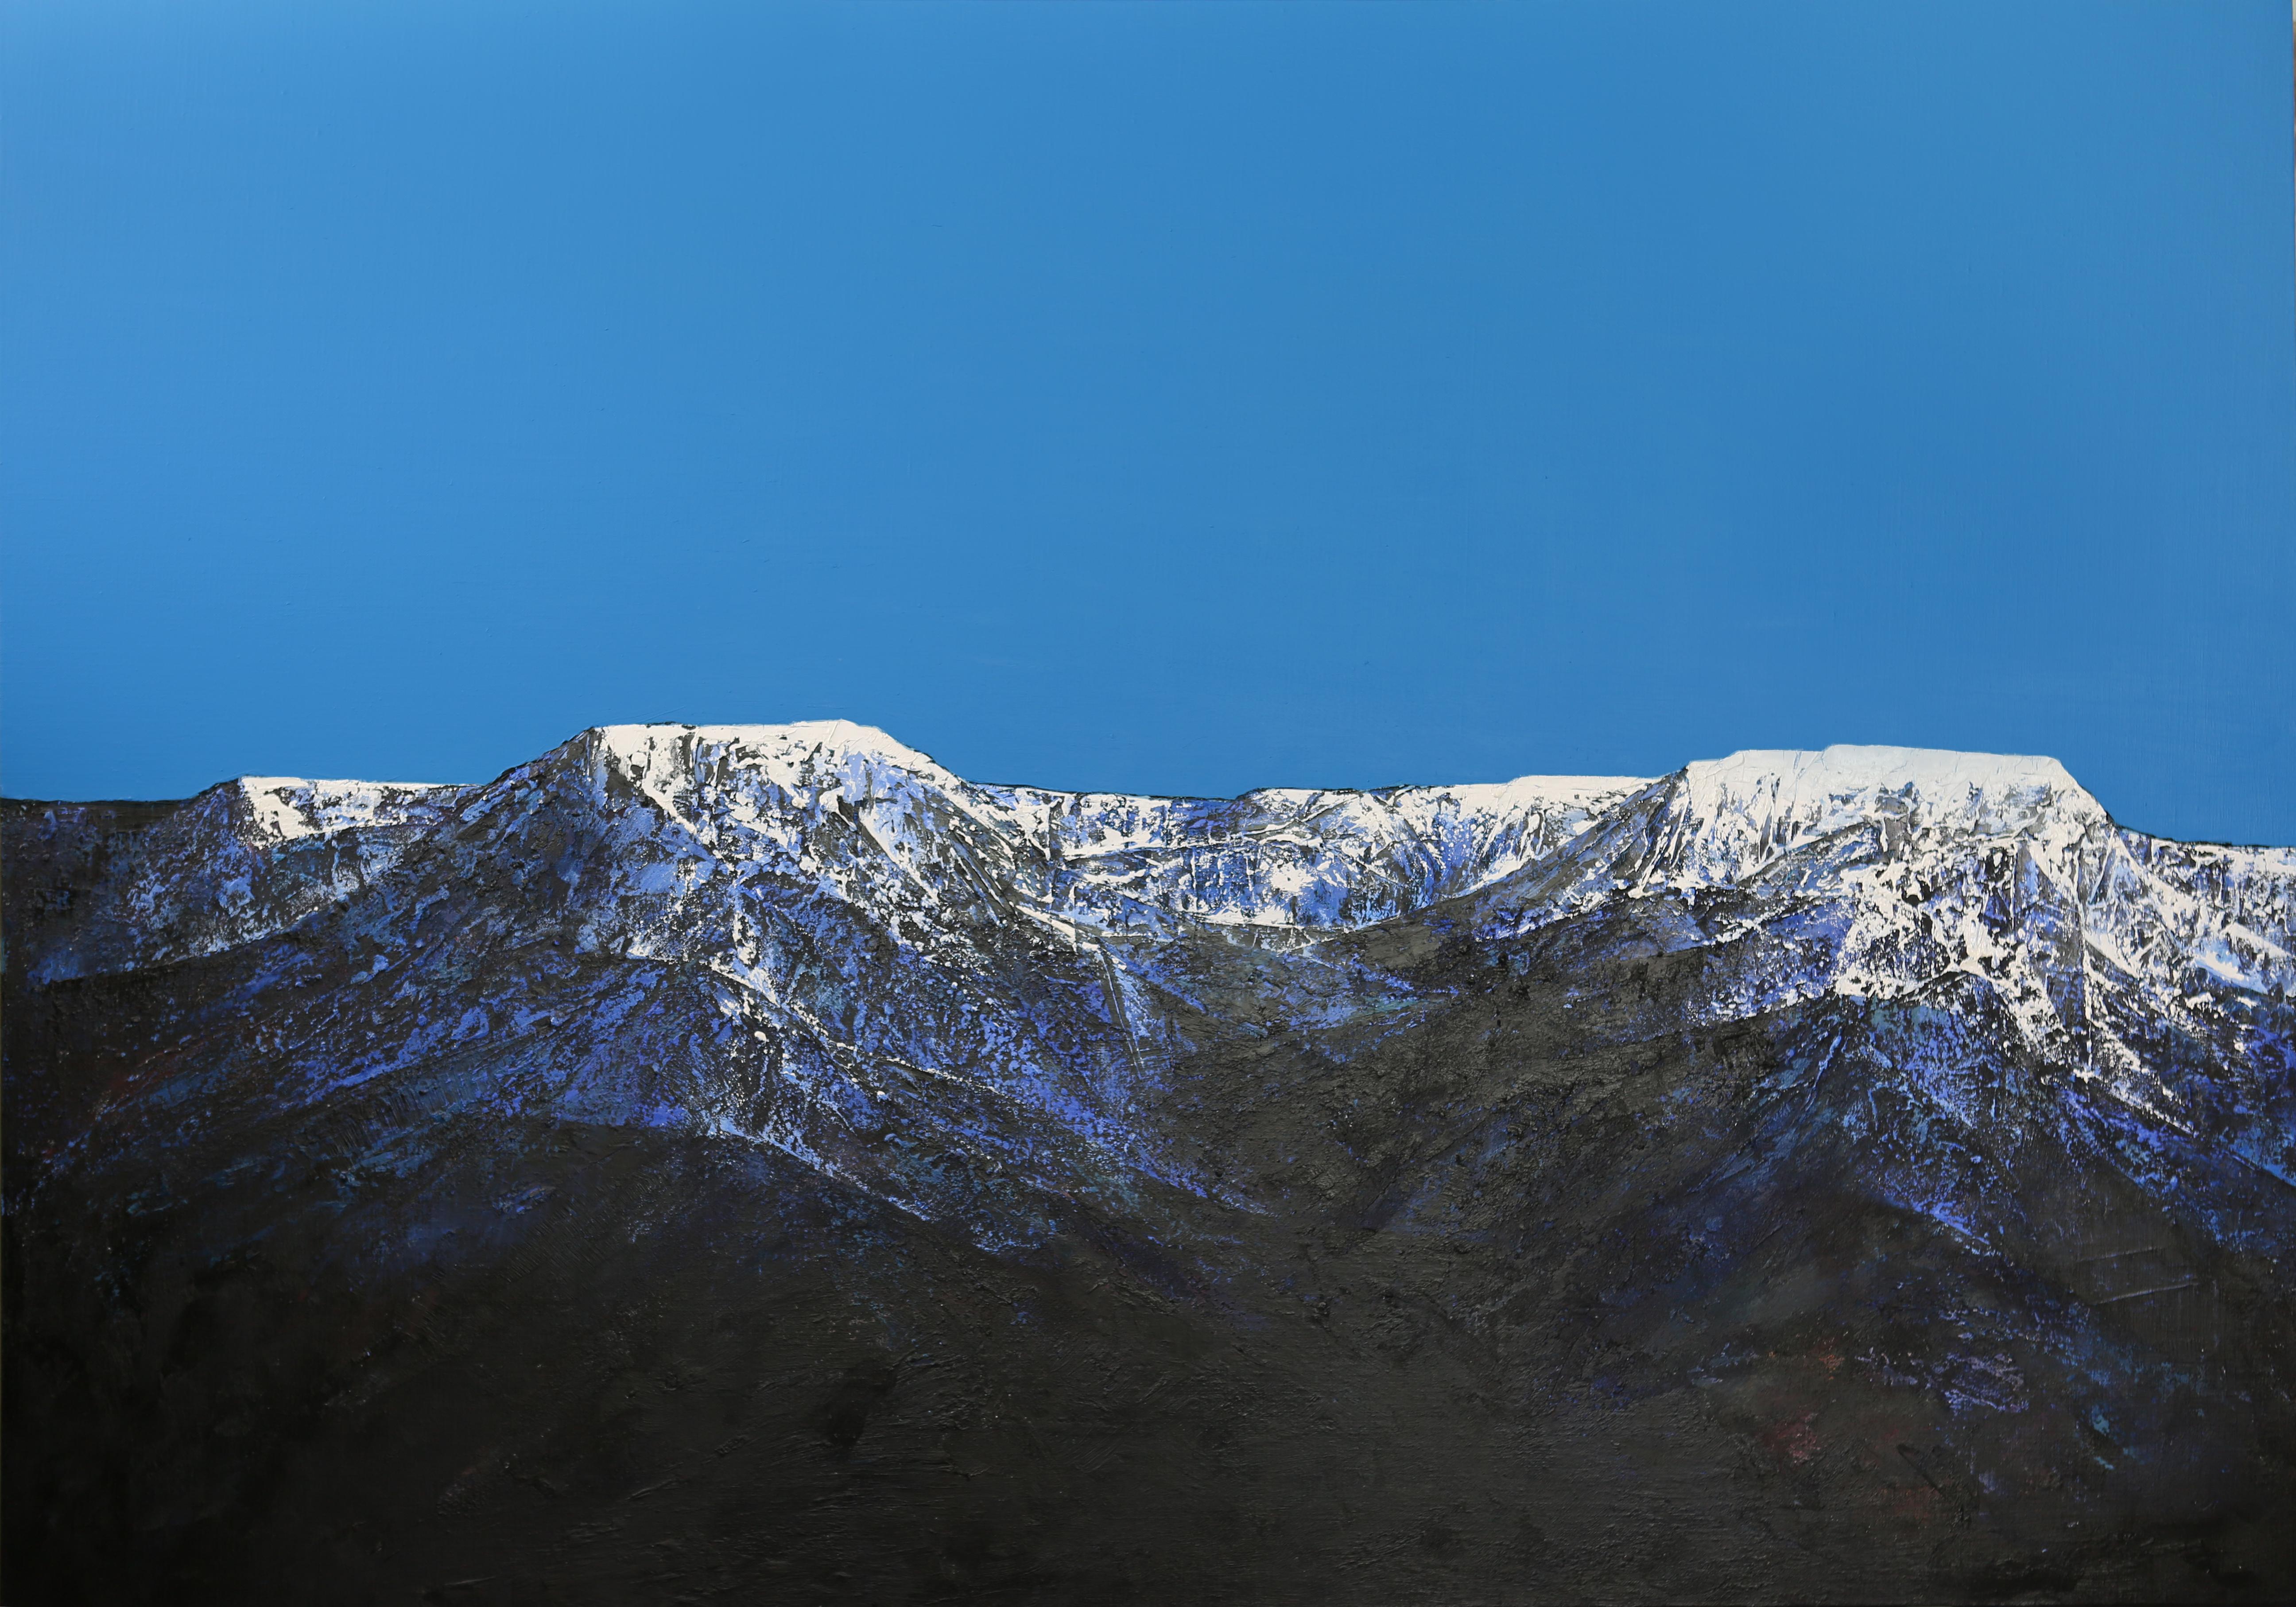 Mountain of Silence_Ⅳ.Dong Yeoun kim